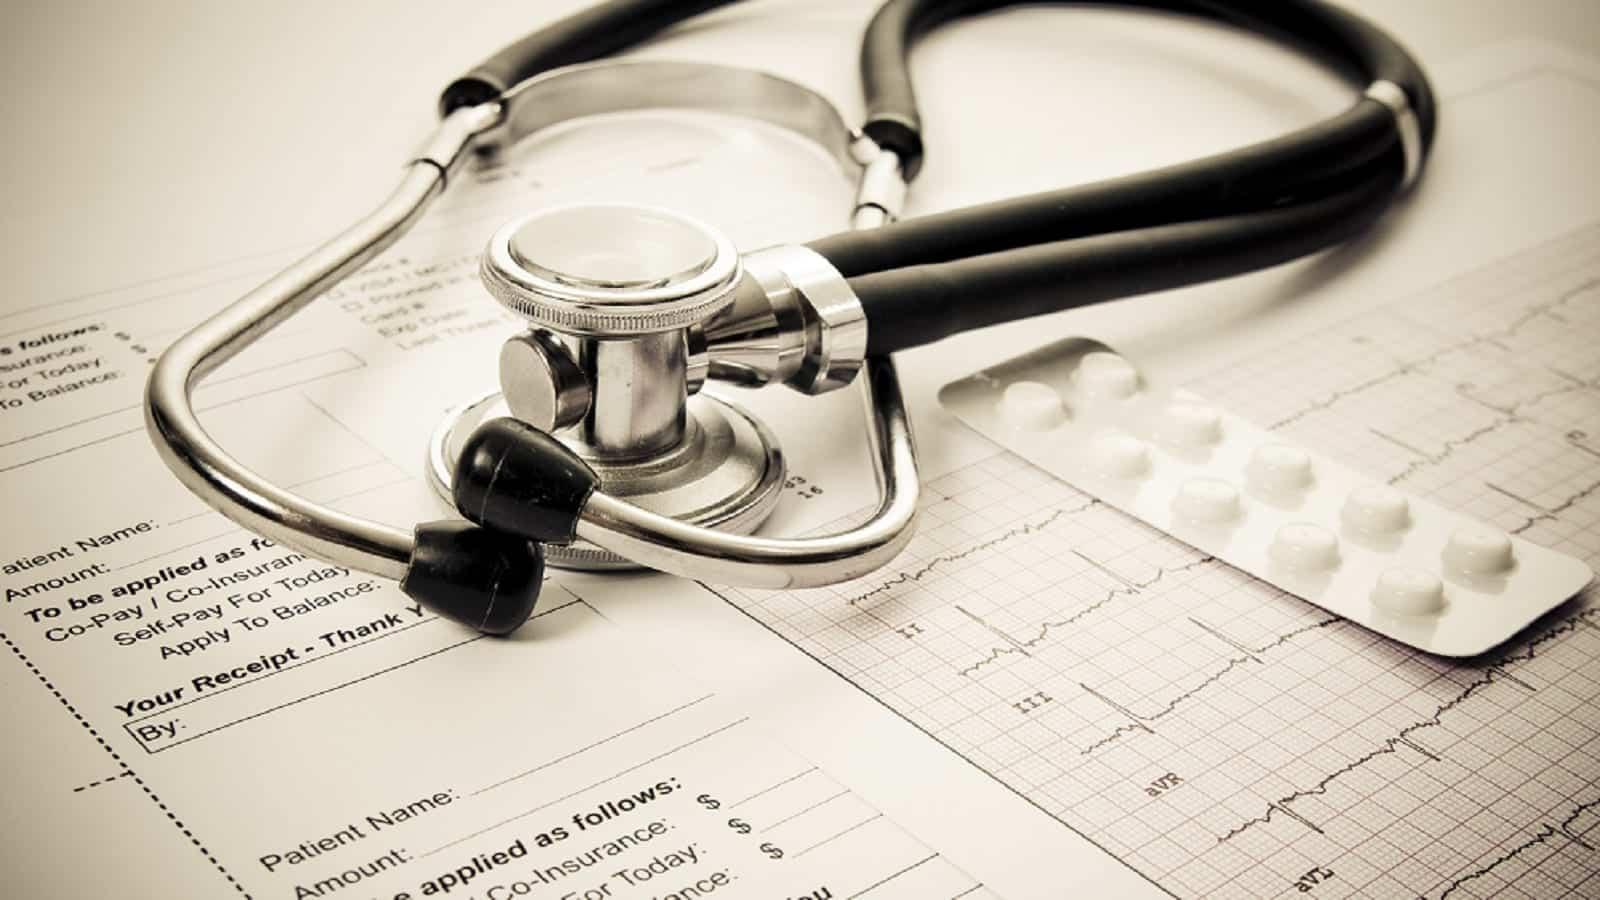 Stethoscope Medical Form Stock Photo